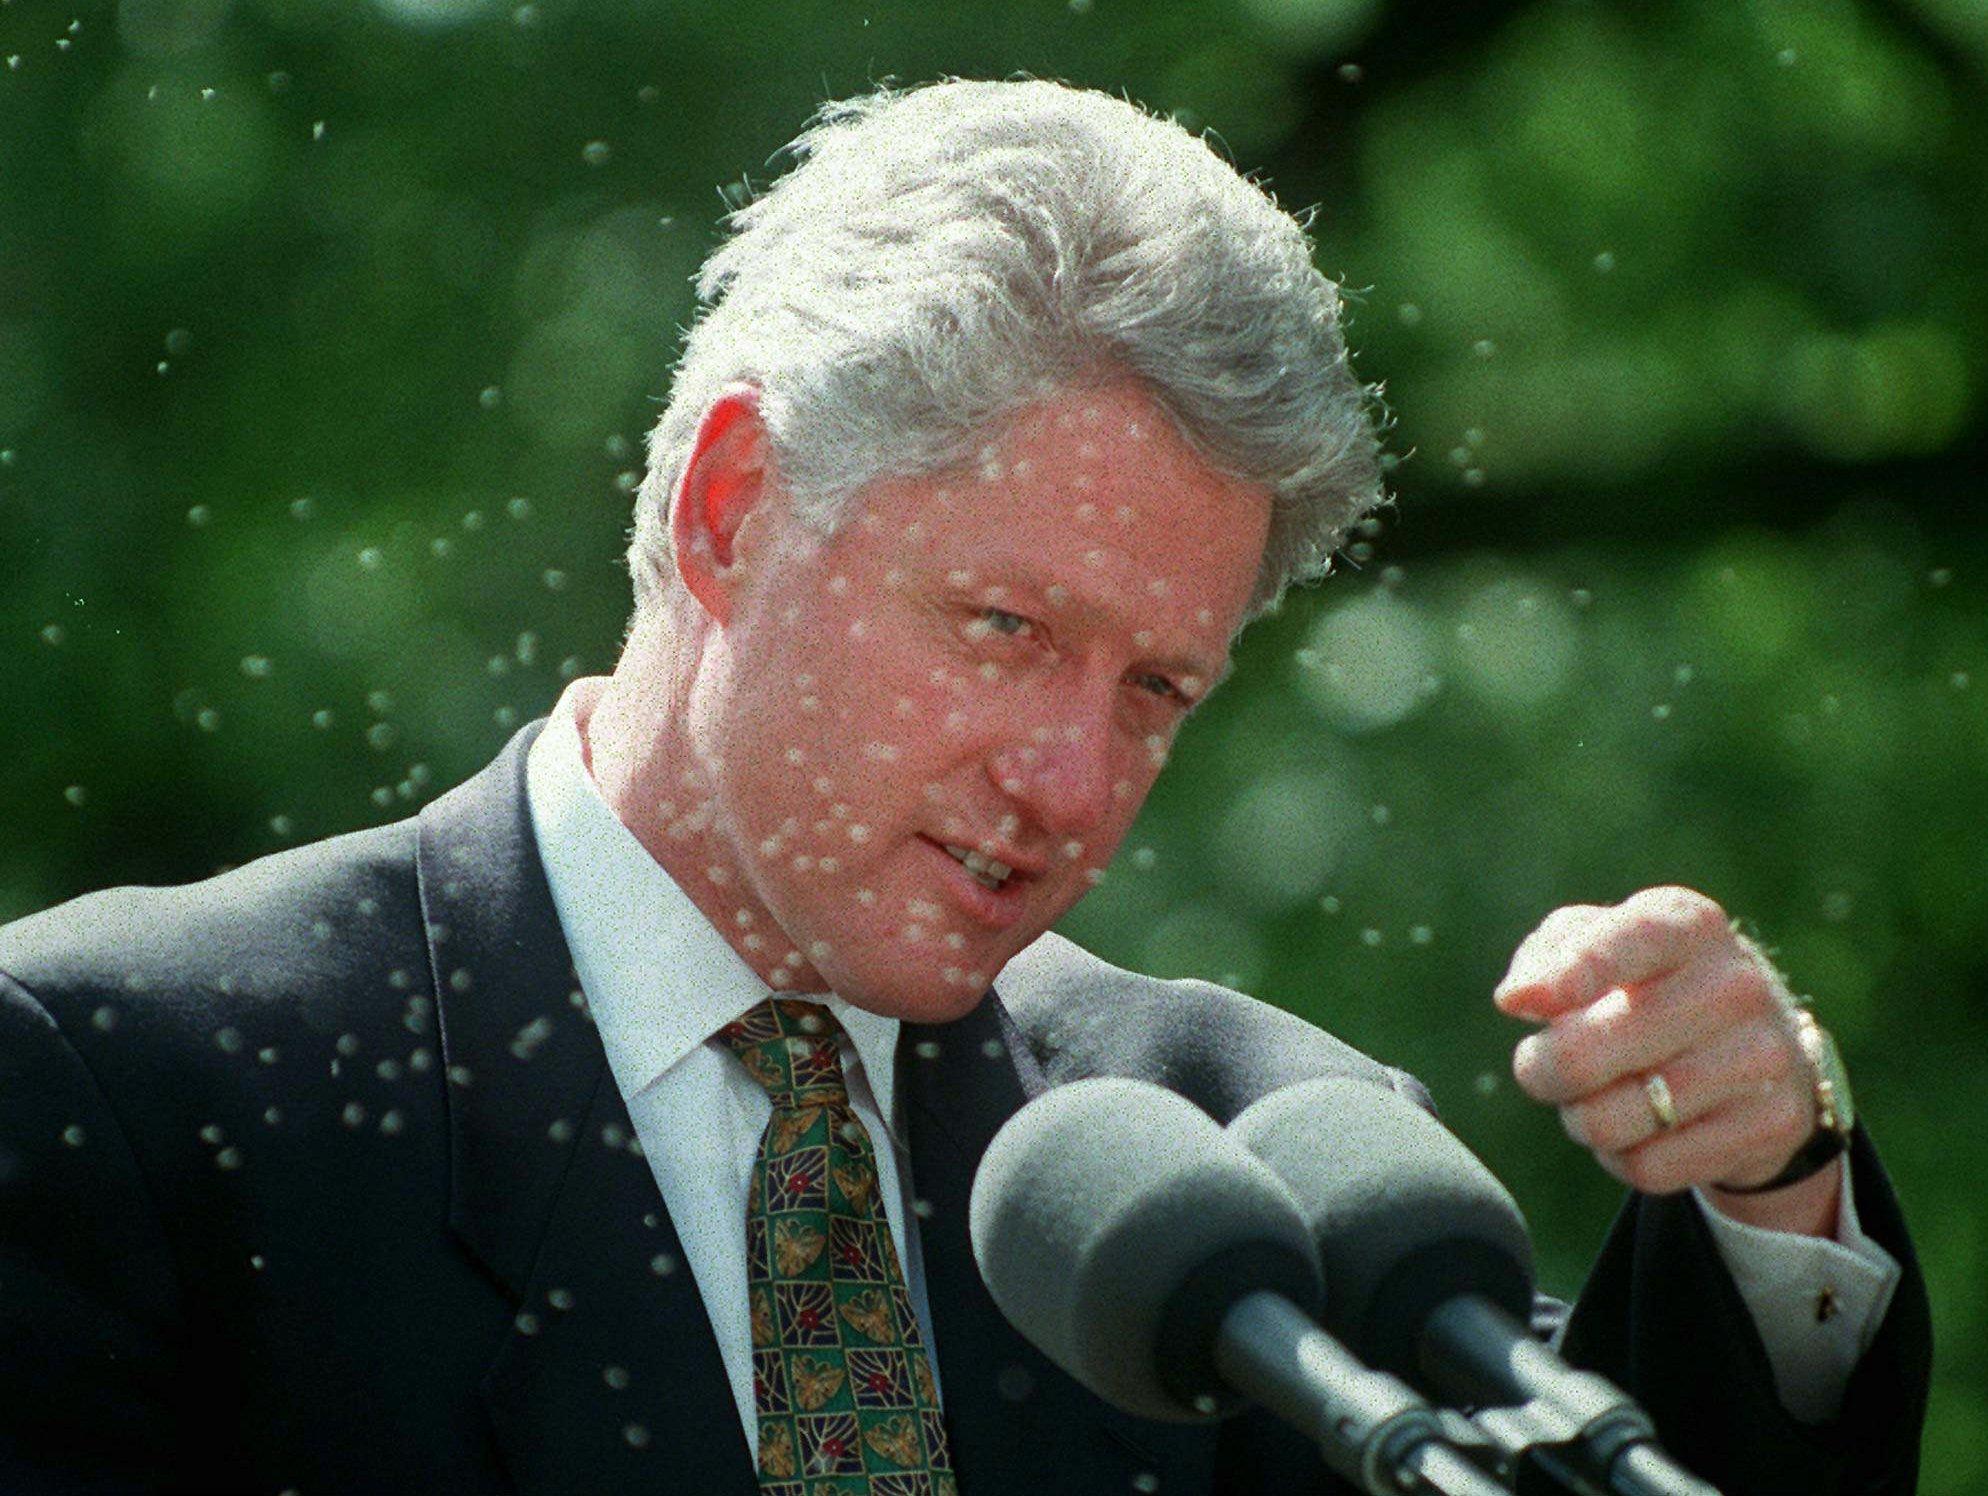 Bill Clinton G7 Summit 1996